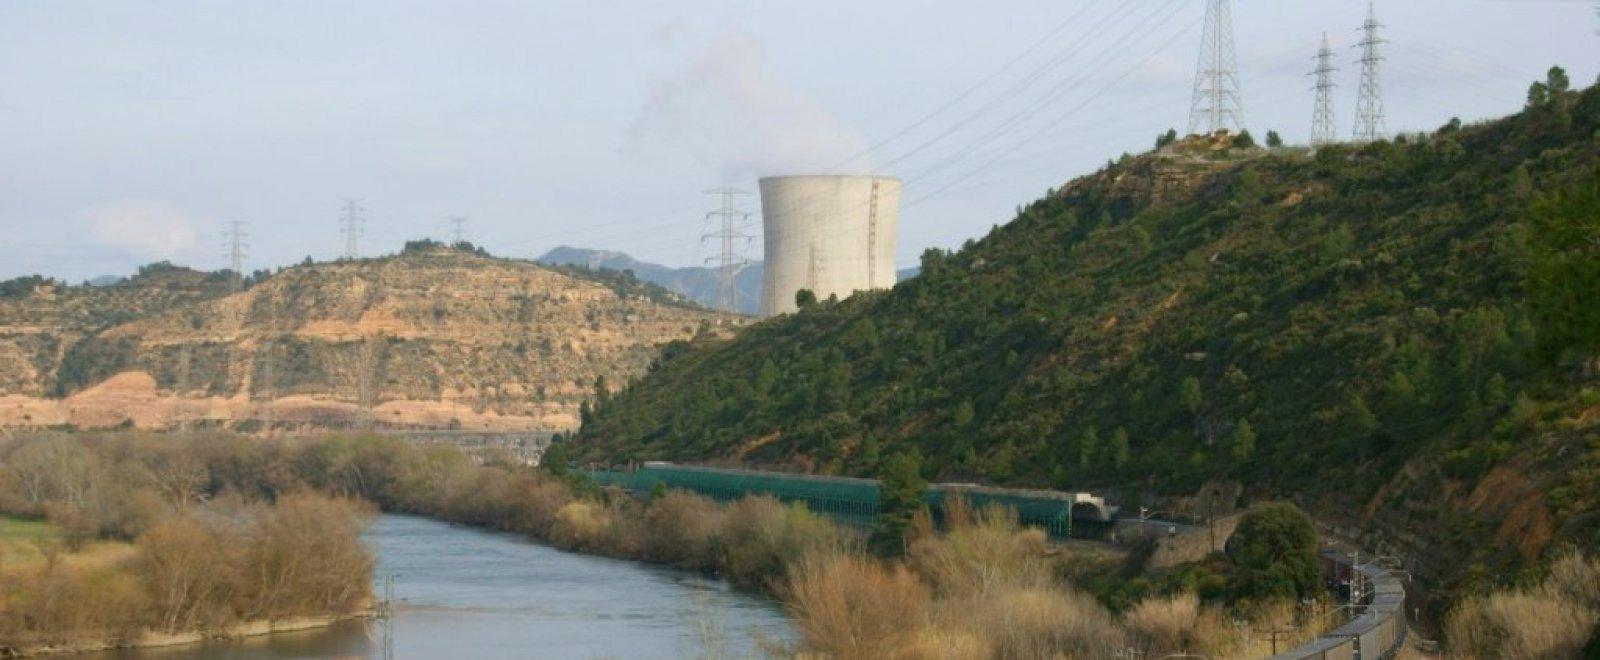 La central nuclear d'Ascó, al costat del riu Ebre, al seu pas pel terme municipal de Flix (Ribera d'Ebre)